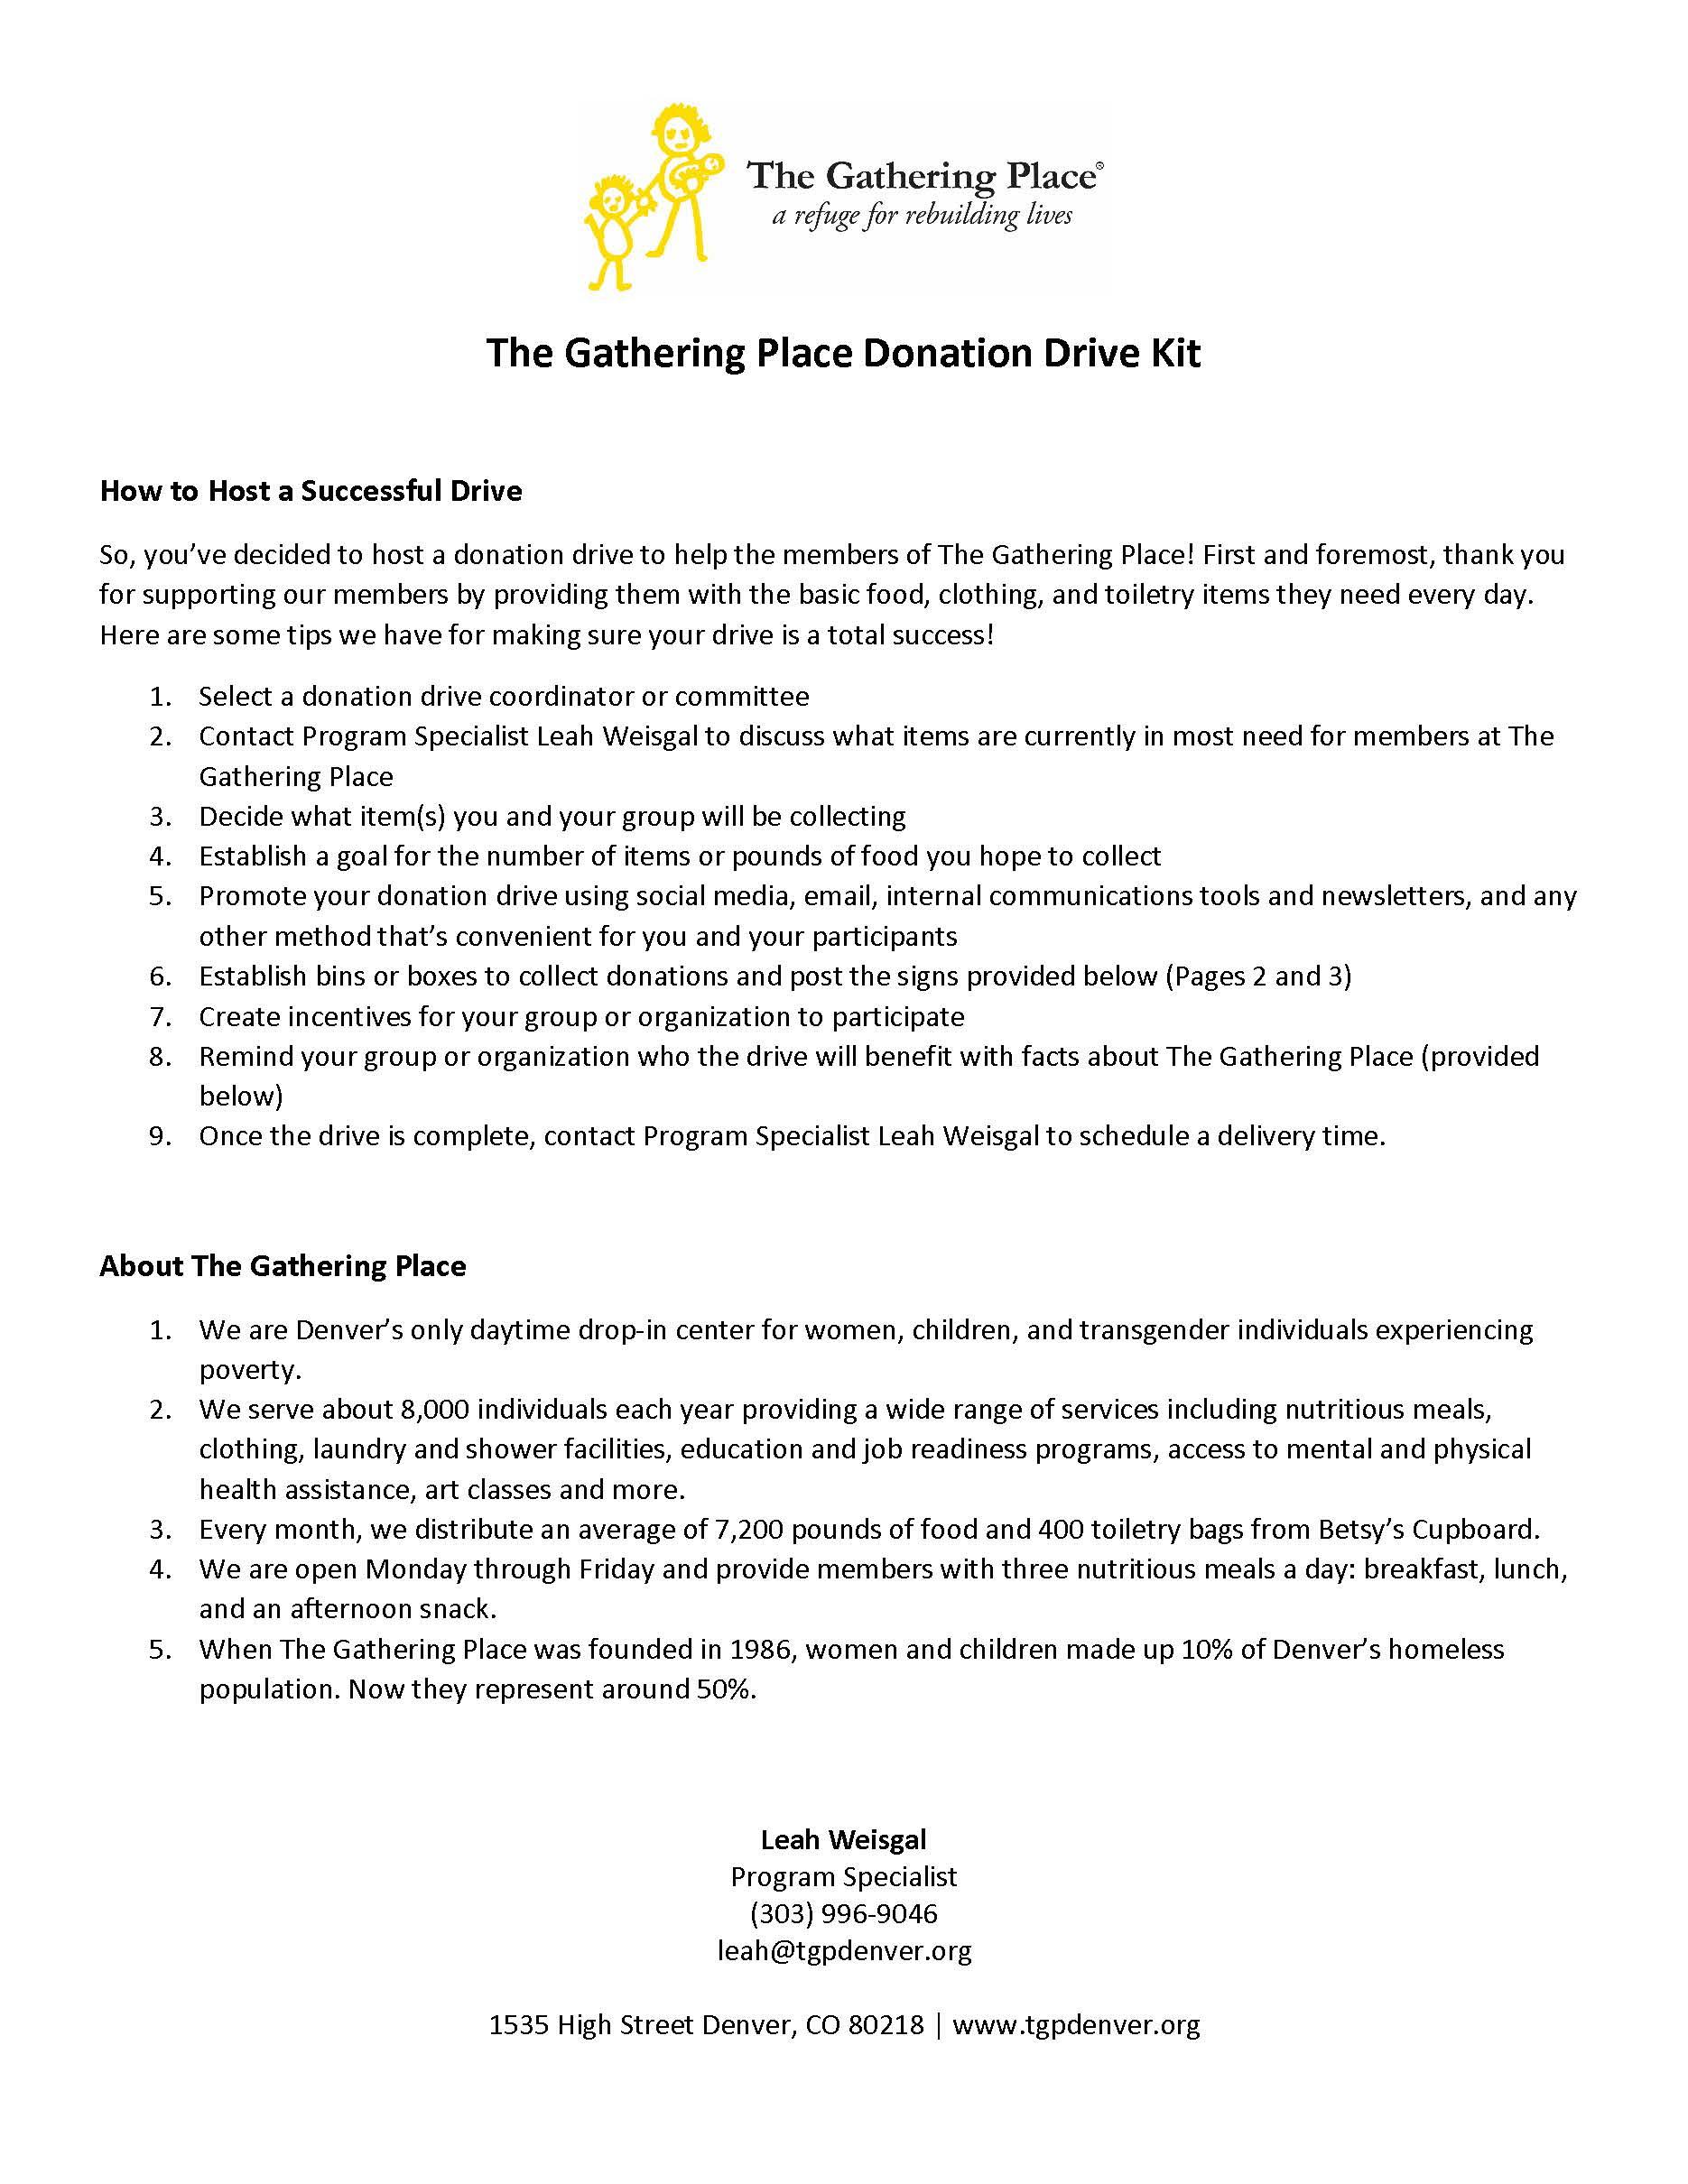 Donation Drive Kit